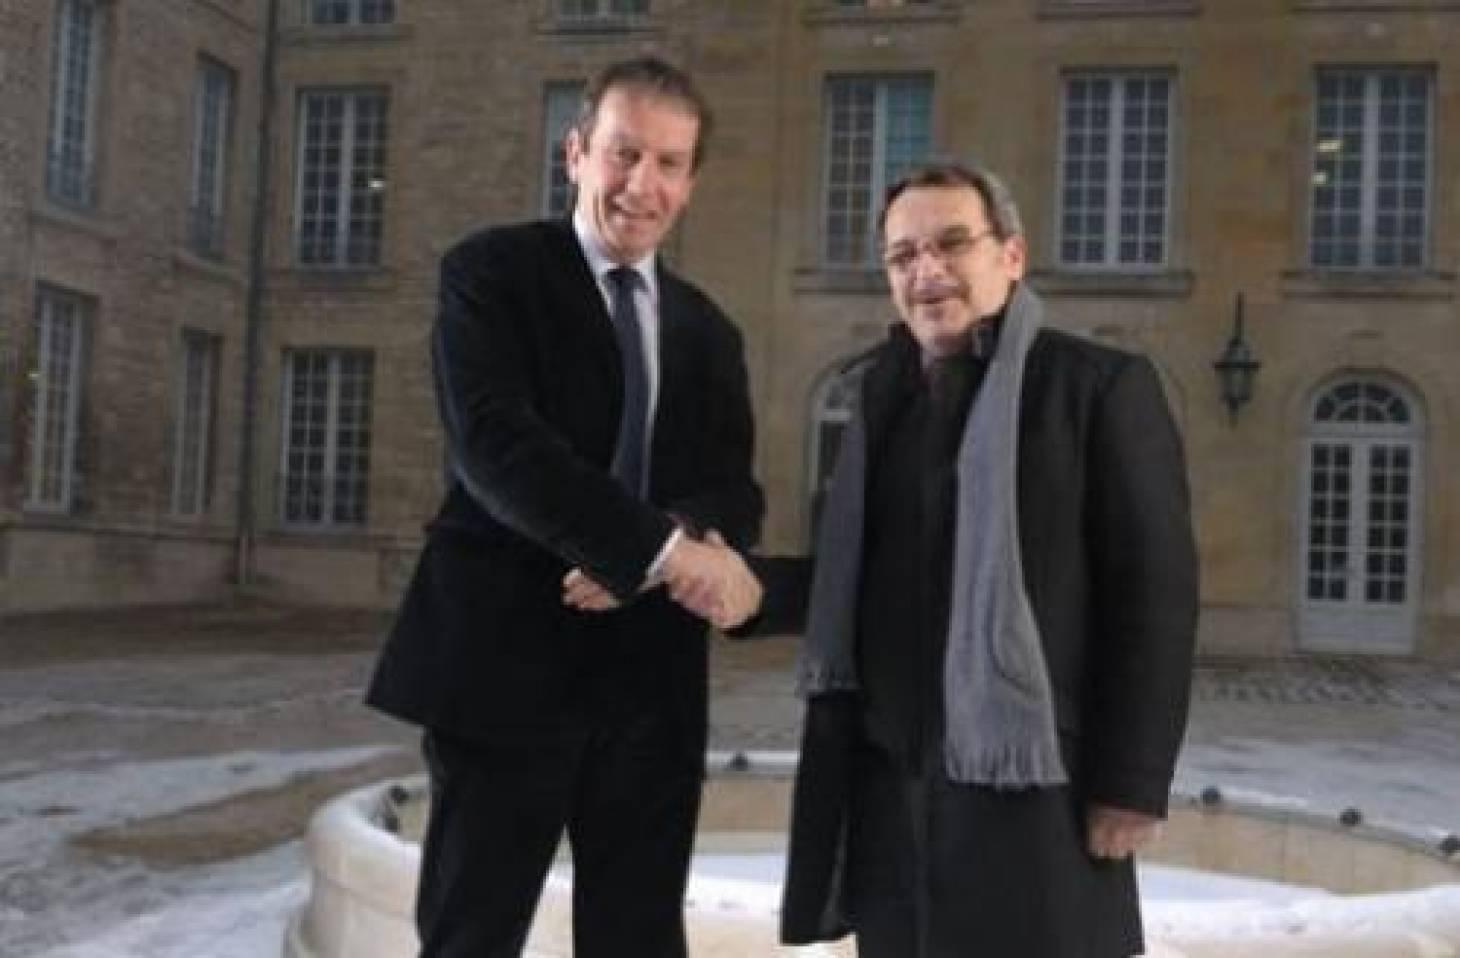 On vote actuellement à l'université de Poitiers